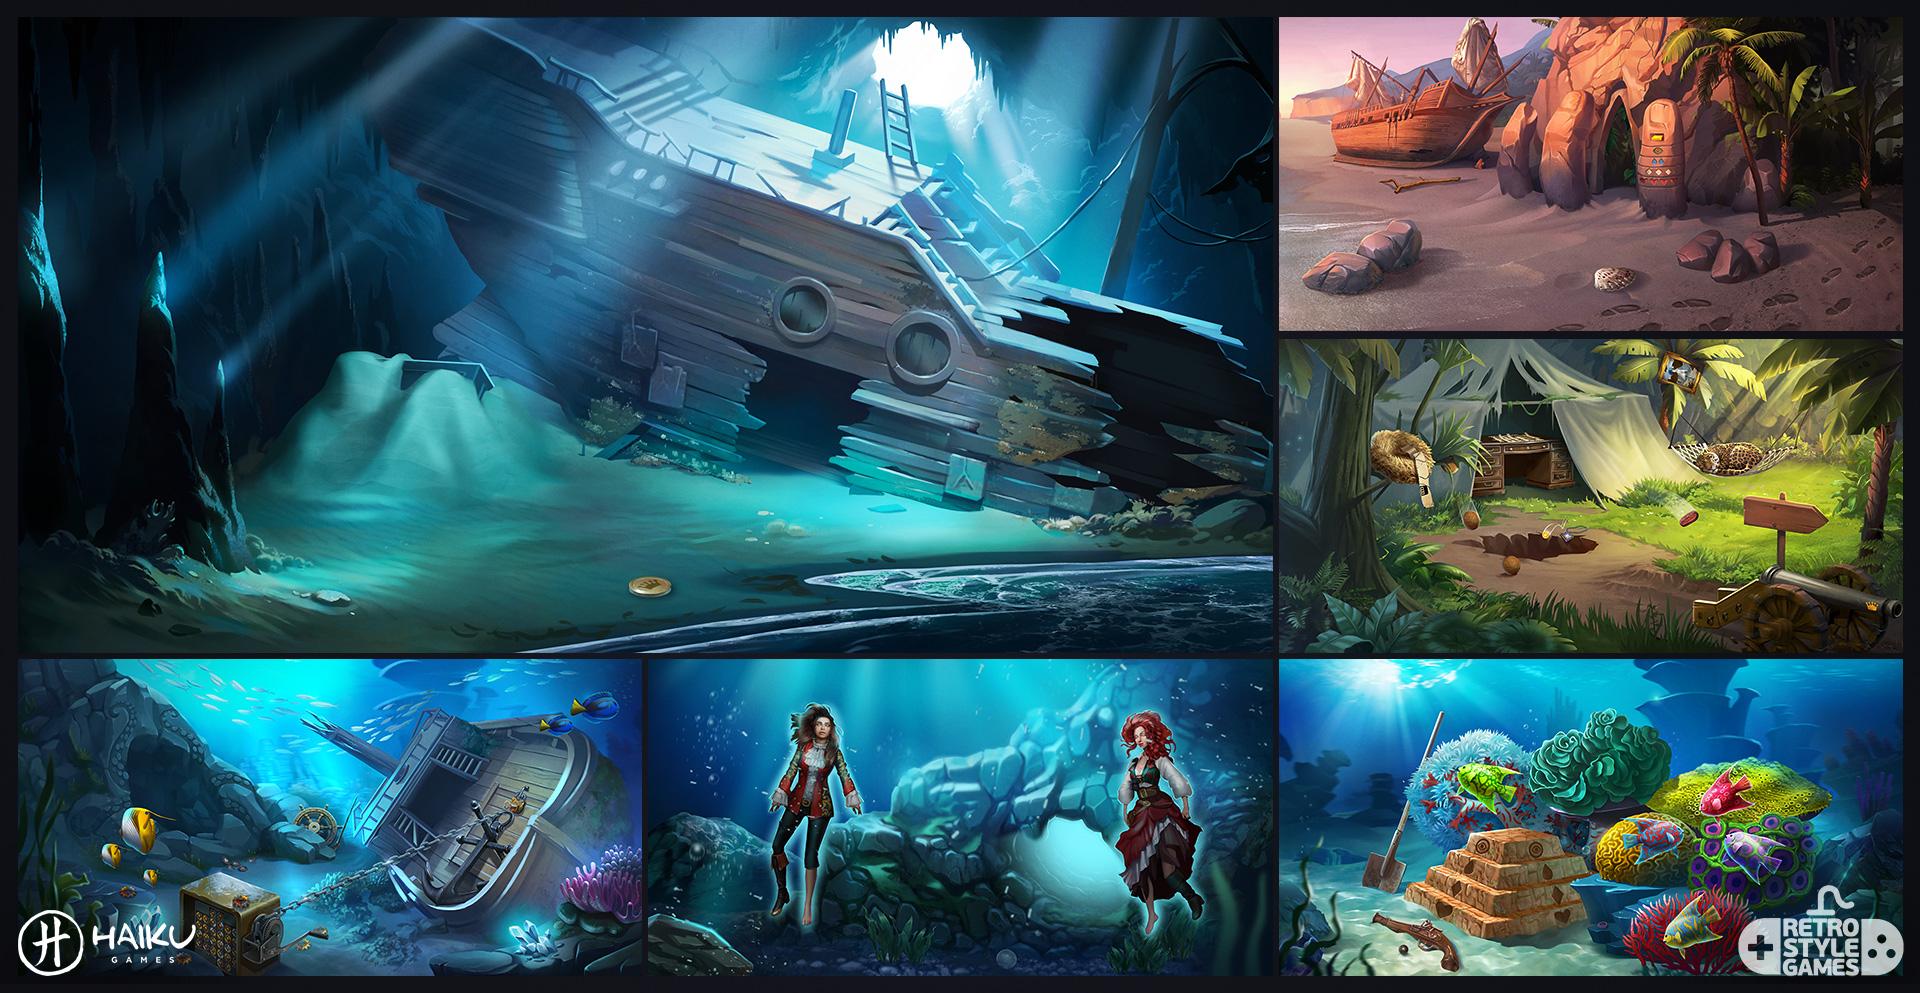 Haiku HOG 2D Background Pirate Sunken Ship Underwater